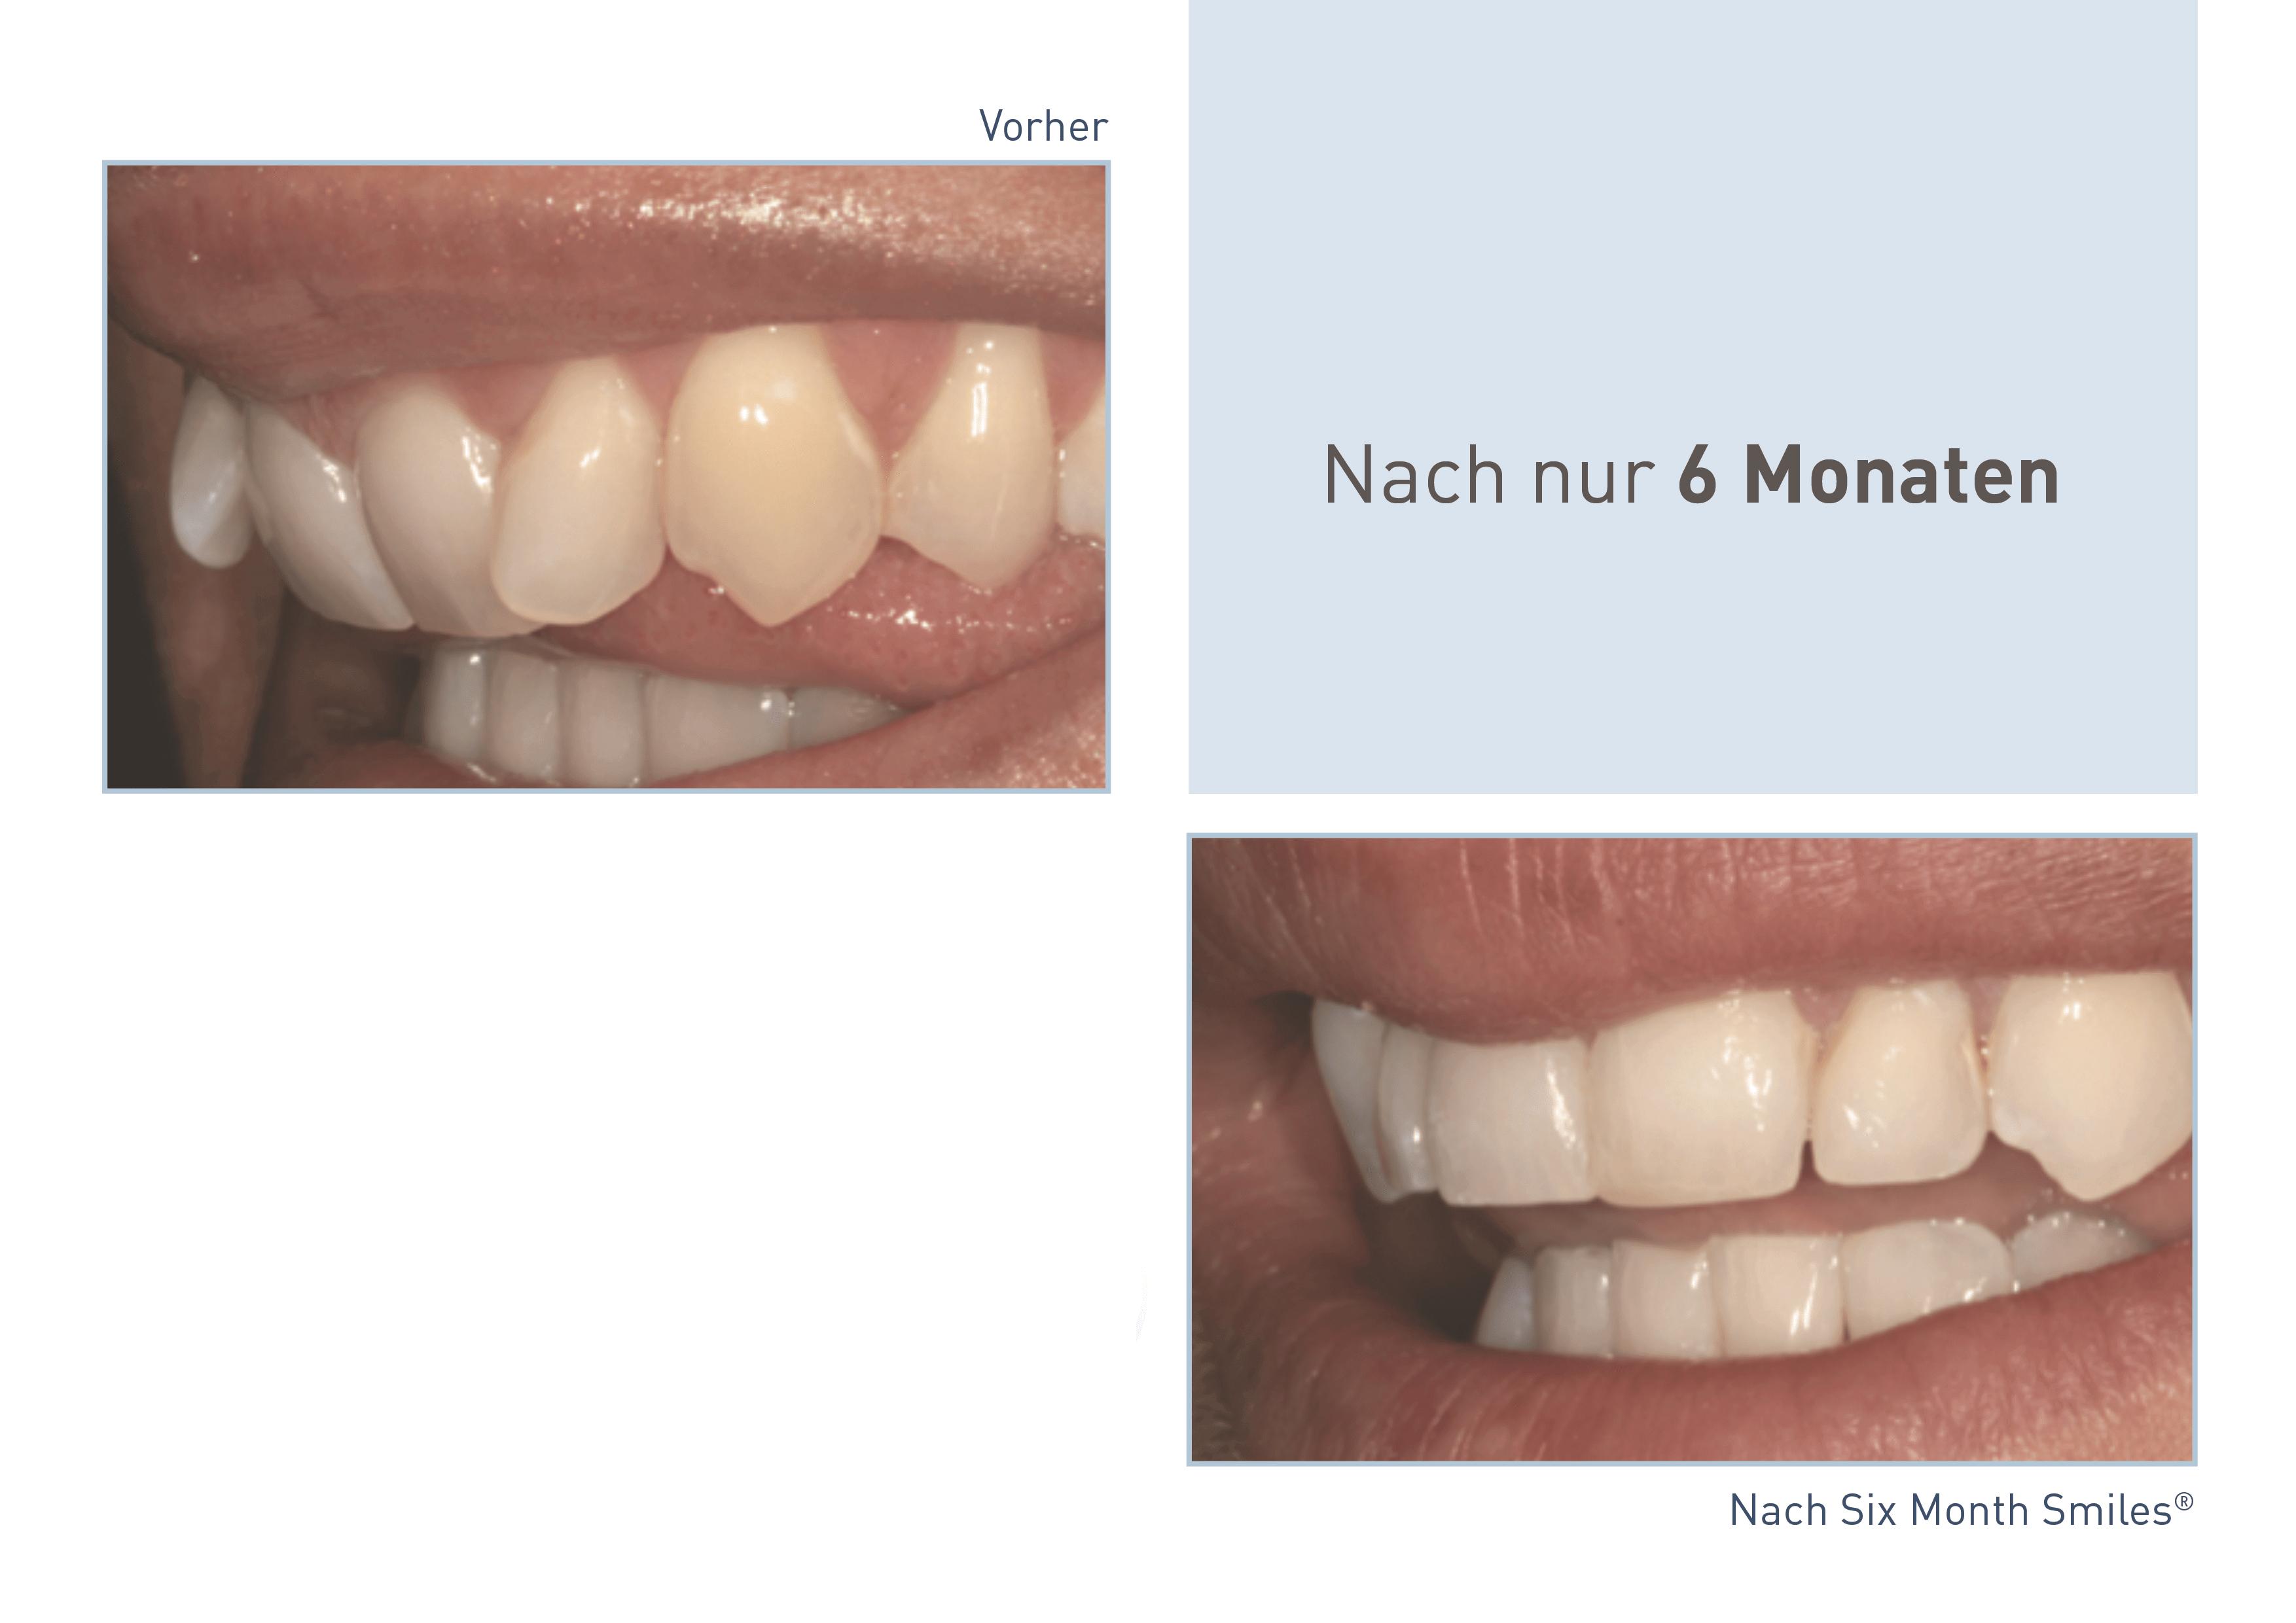 Erfolgreiches Behandlungsbeispiel von Six Month Smiles